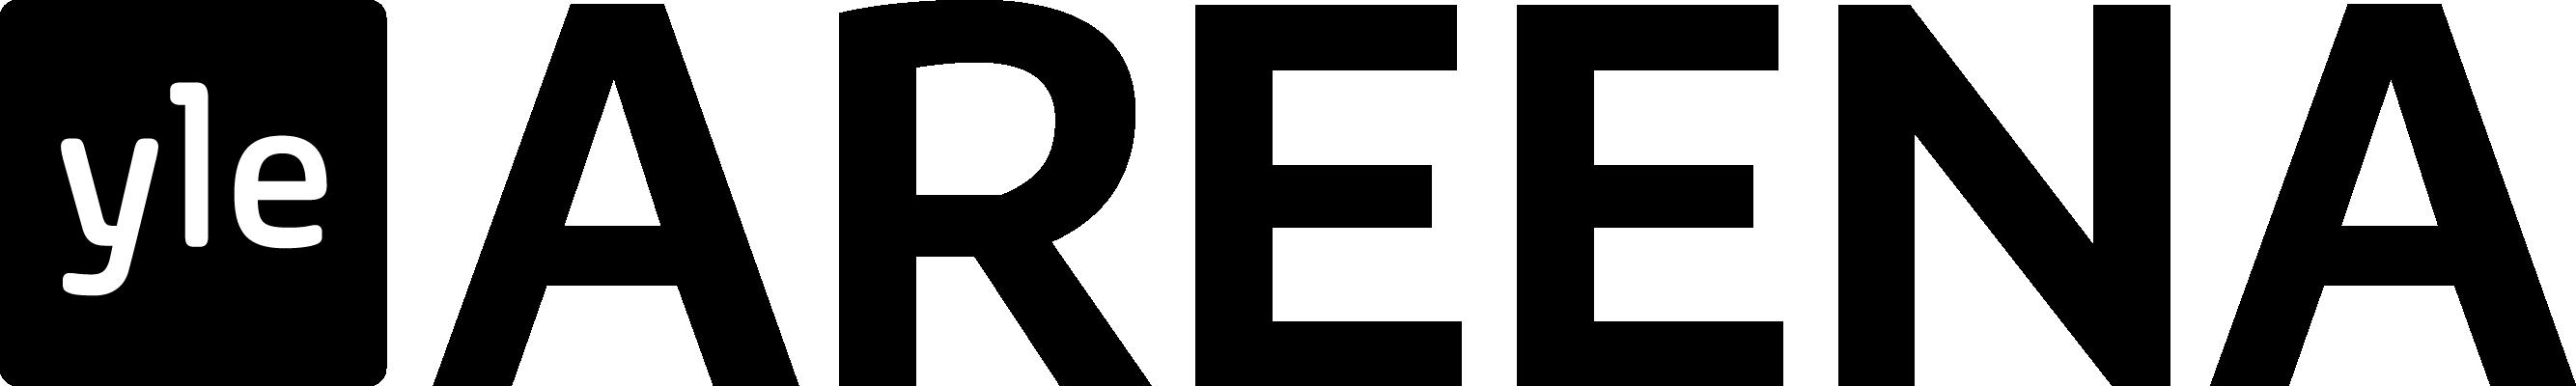 Yle Areenan mustavalkoinen logo